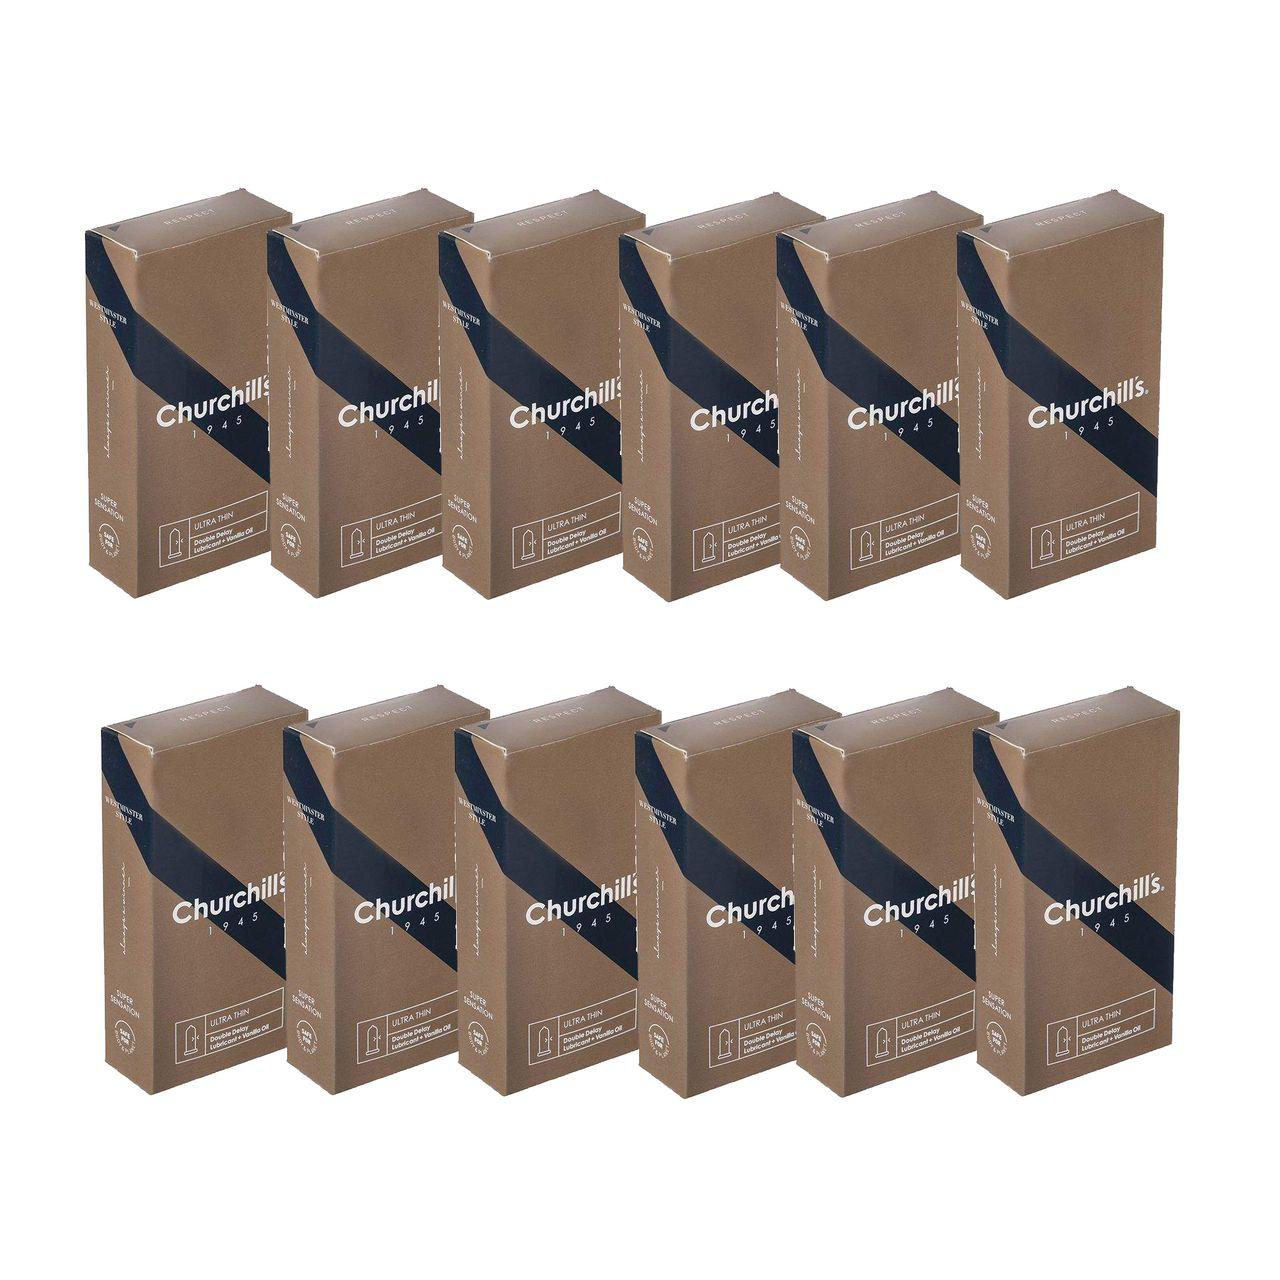 کاندوم چرچیلز مدل Ultra Thin مجموعه 12 عددی